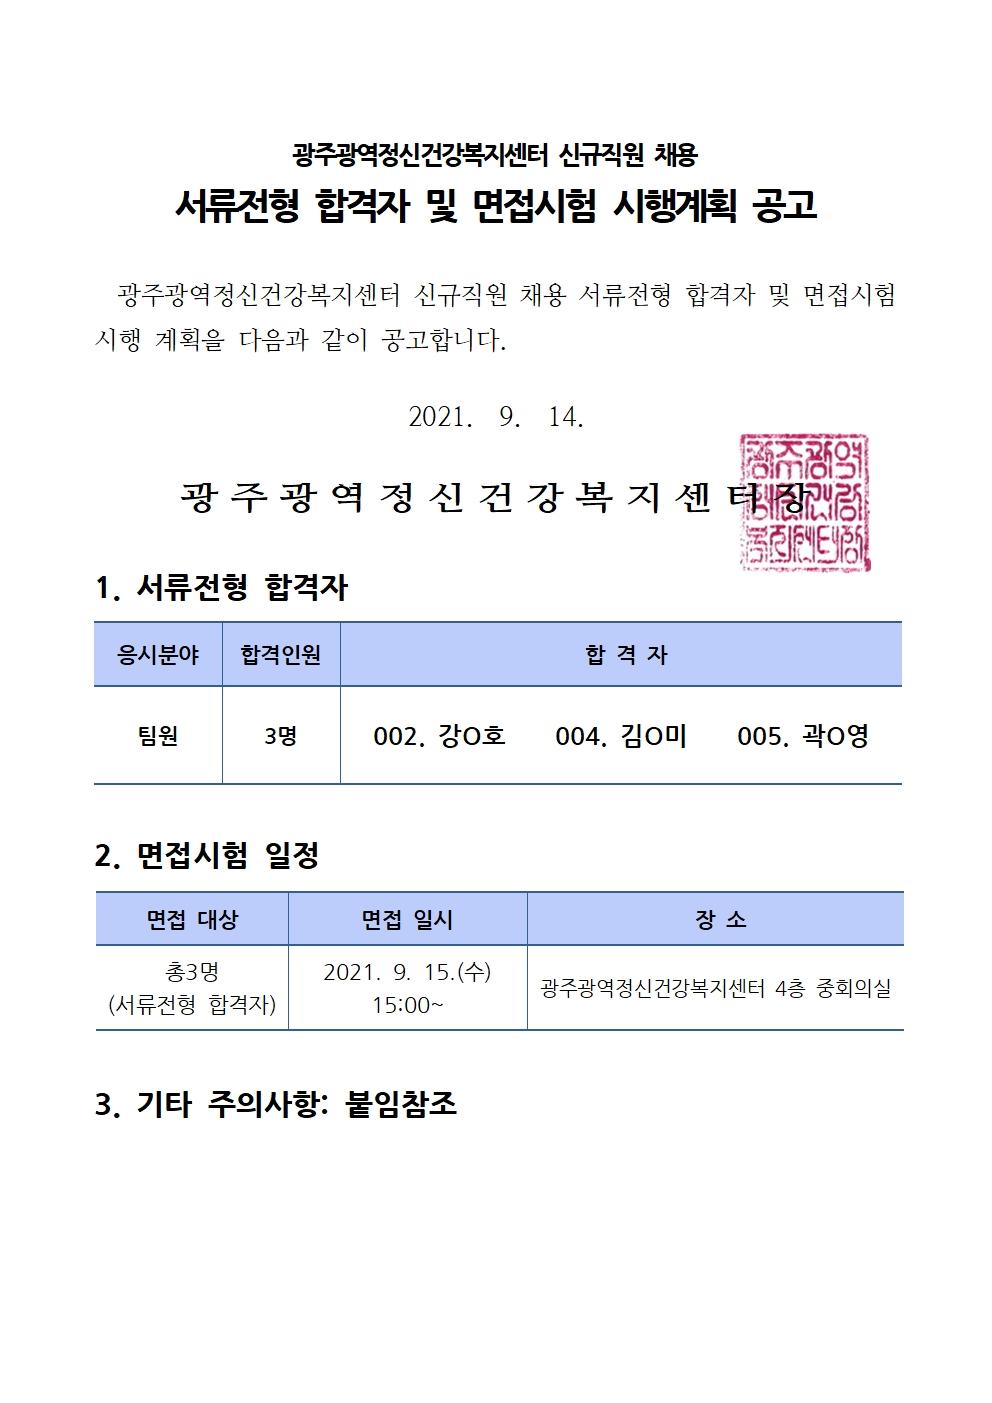 [공고]서류전형 합격자 및 면접시험 시행계획 공고.jpg